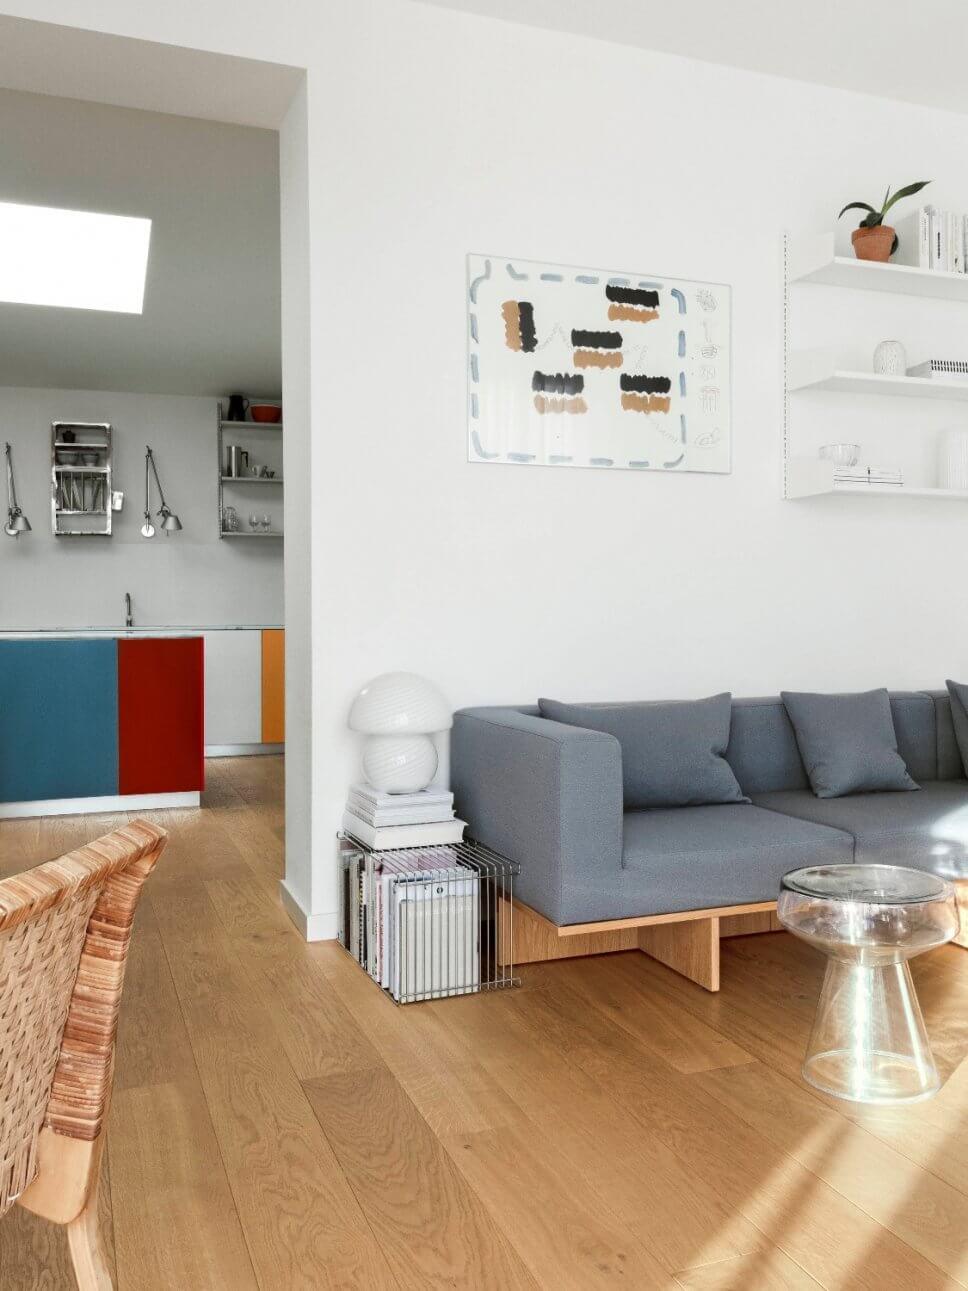 Modernes Wohnzimmer mit Sofa, Coffeetable und Blick in die Küche